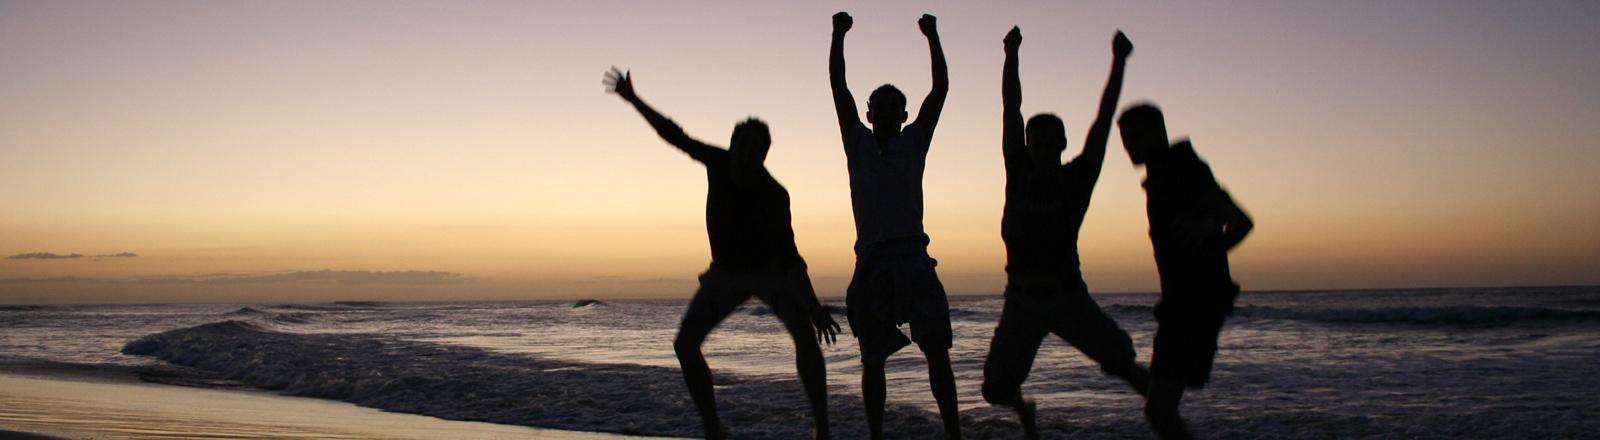 Vier Freunde sind am Meer bei Sonnenuntergang und springen alle gleichzeitig in die Luft.